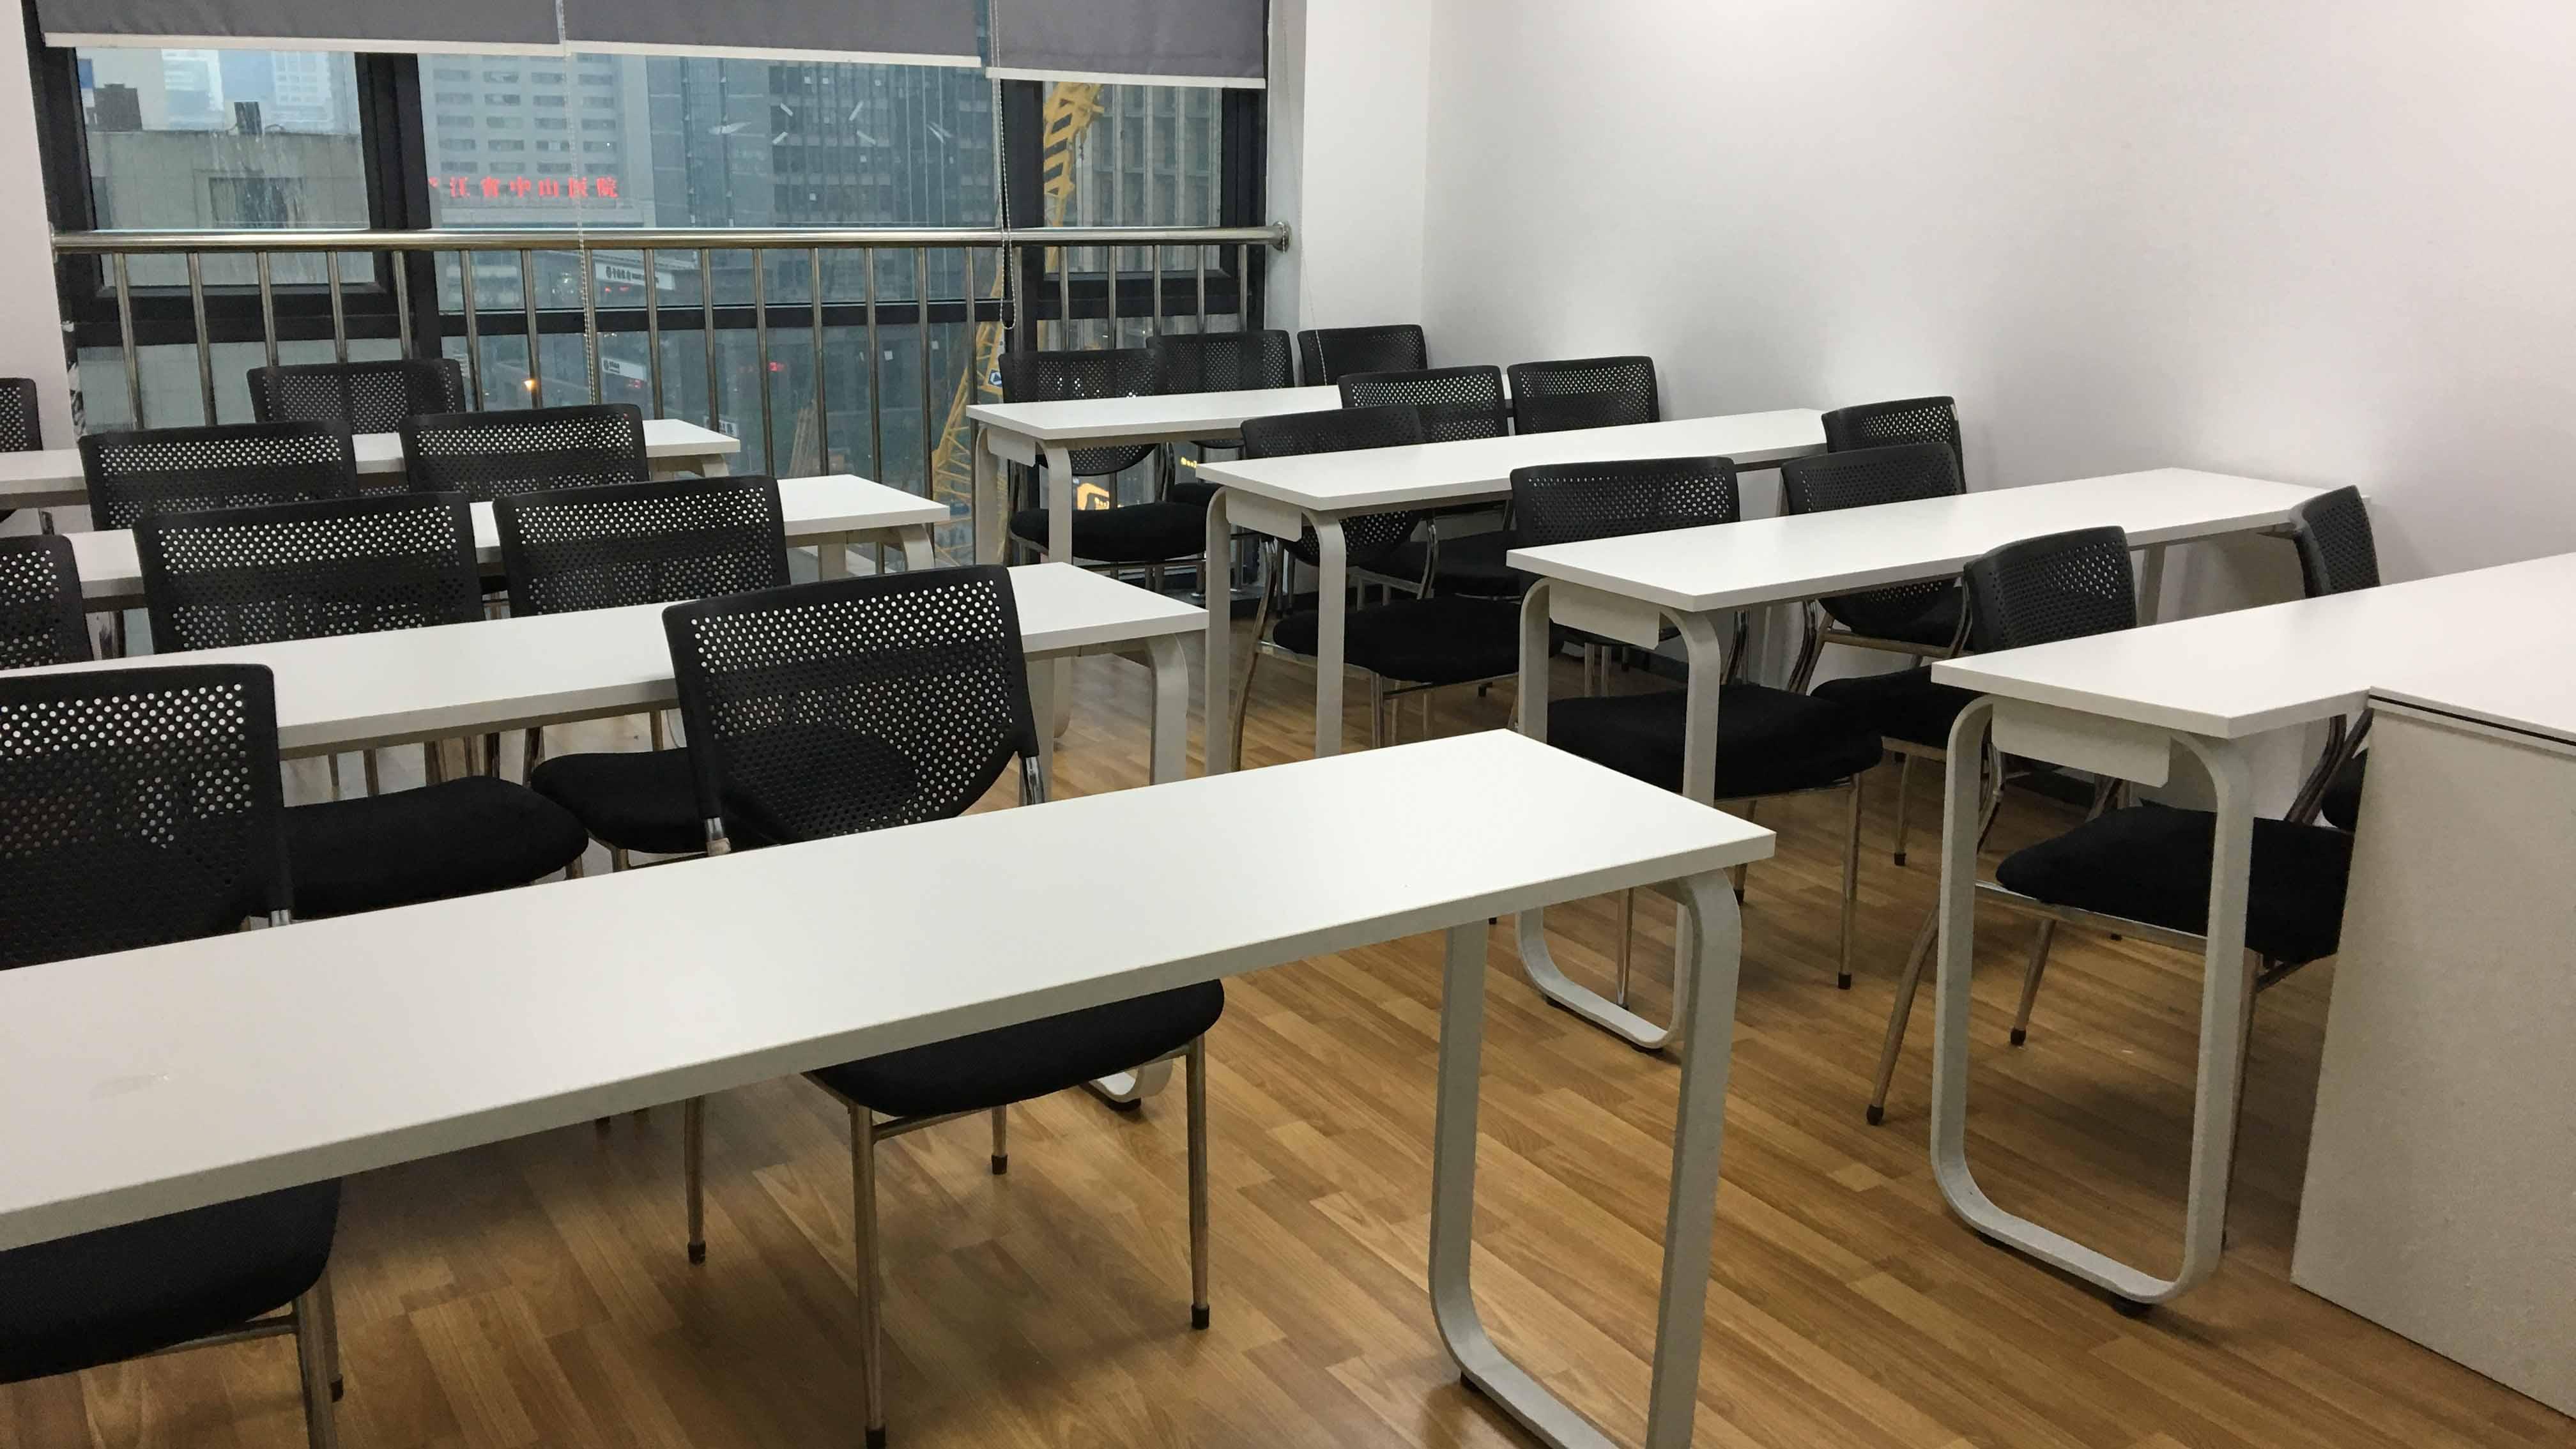 西诺总部学员培训课室